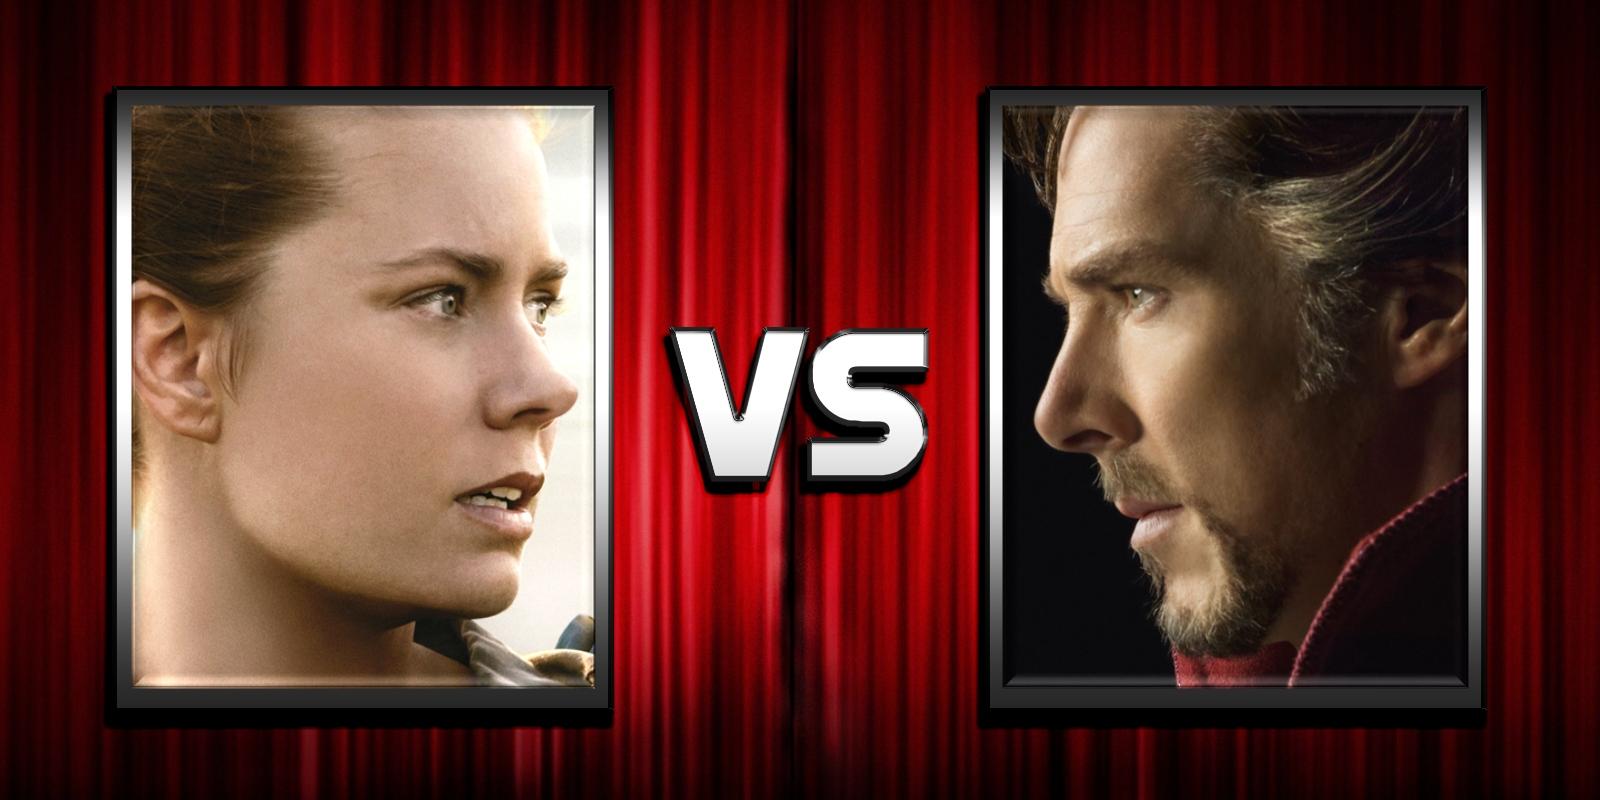 Box office prediction doctor strange vs arrival - 2016 box office predictions ...